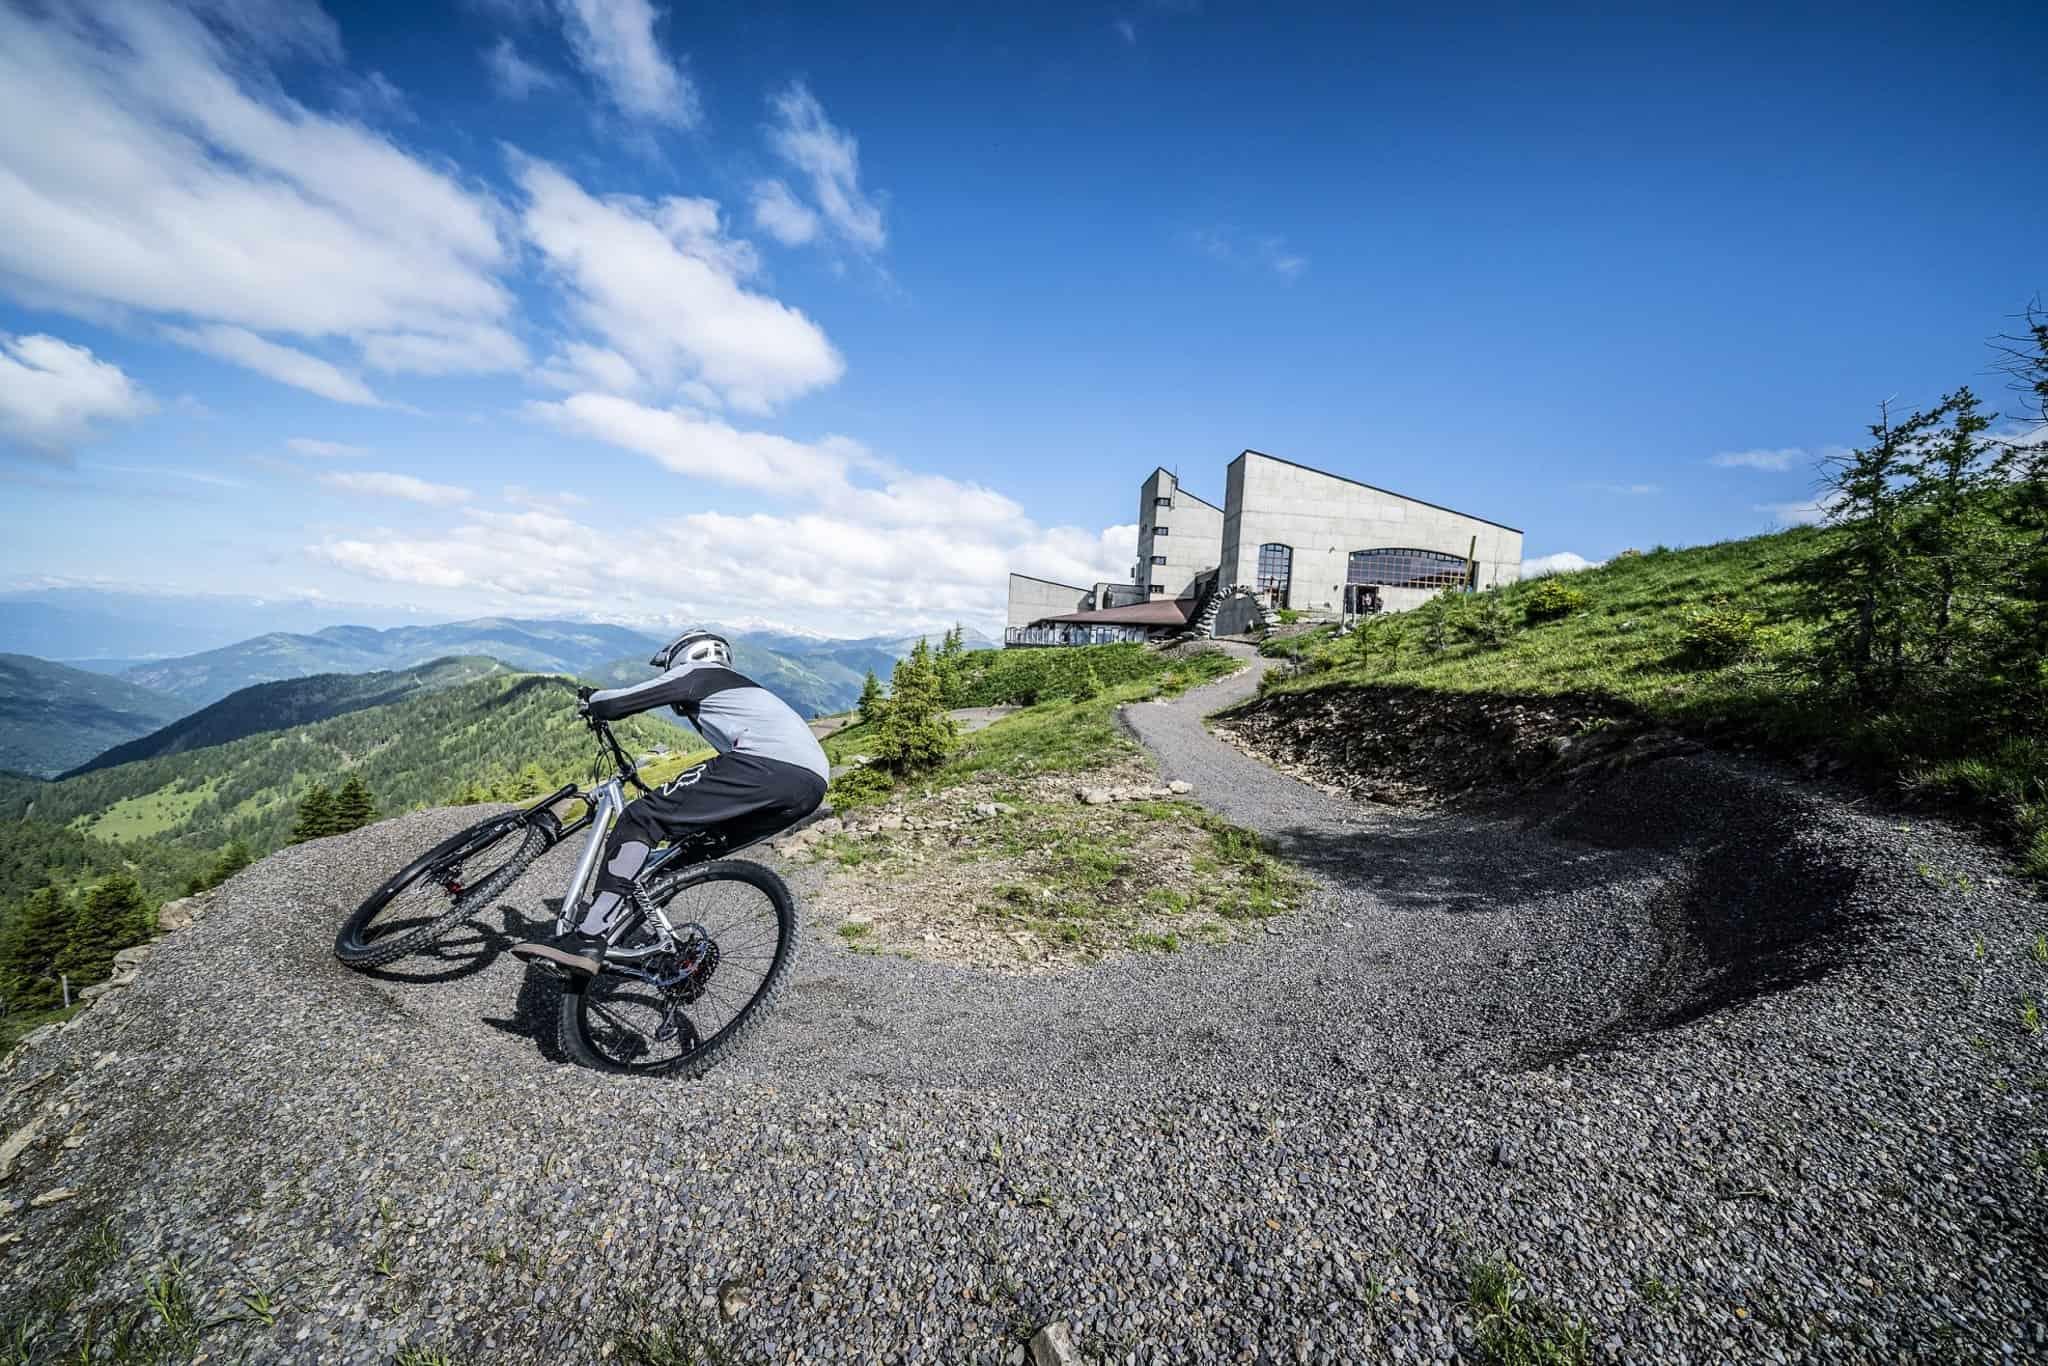 Mountainbiken in Kärnten auf Flow Trail Bad Kleinkirchheim bei Kaiserburg Bergstation in Kärnten - Aktivitäten bei Österreich-Urlaub